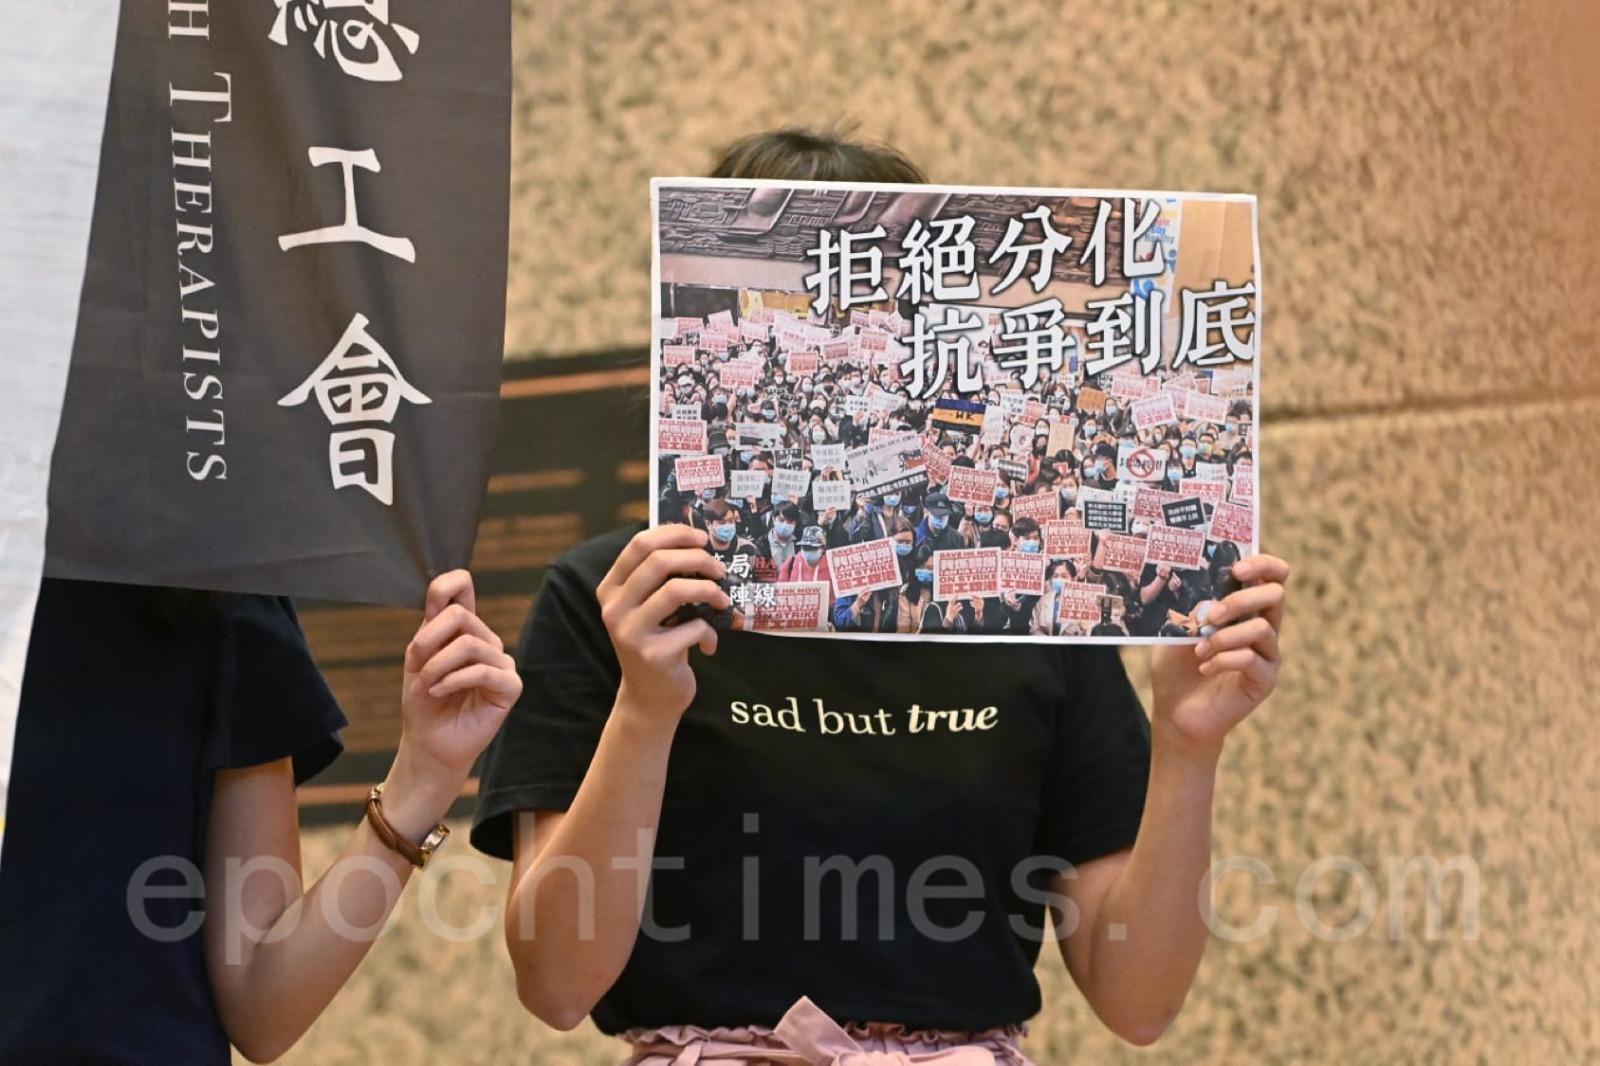 有員工手持「團結一致、對抗打壓」的標語。(宋碧龍/大紀元)